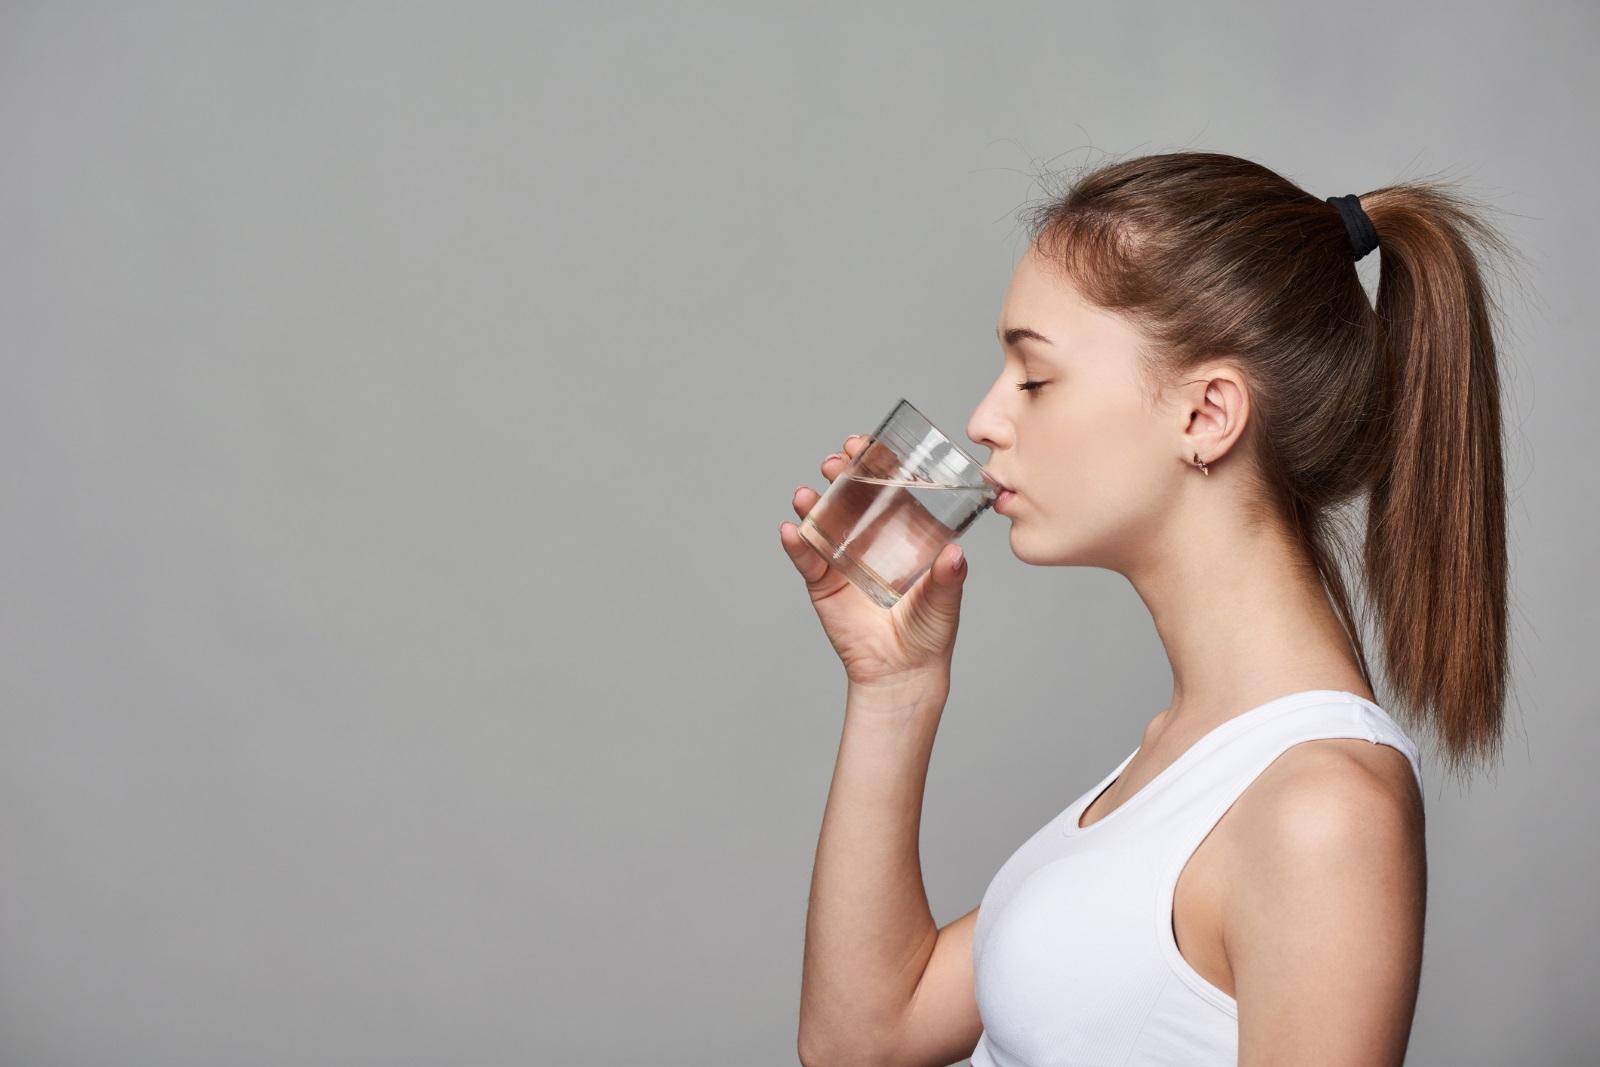 Точно преди лягане<br /> Пиенето на много вода преди сън може да доведе до смущения. Шансовете да ставате пред нощта, за да посетите тоалетната, са доста големи, а по-трудното заспиване ви е гарантирано. Освен това, на сутринта може да се чувствате подути и да имате подпухнали клепачи или крайници, защото бъбреците работят по-бавно нощем.